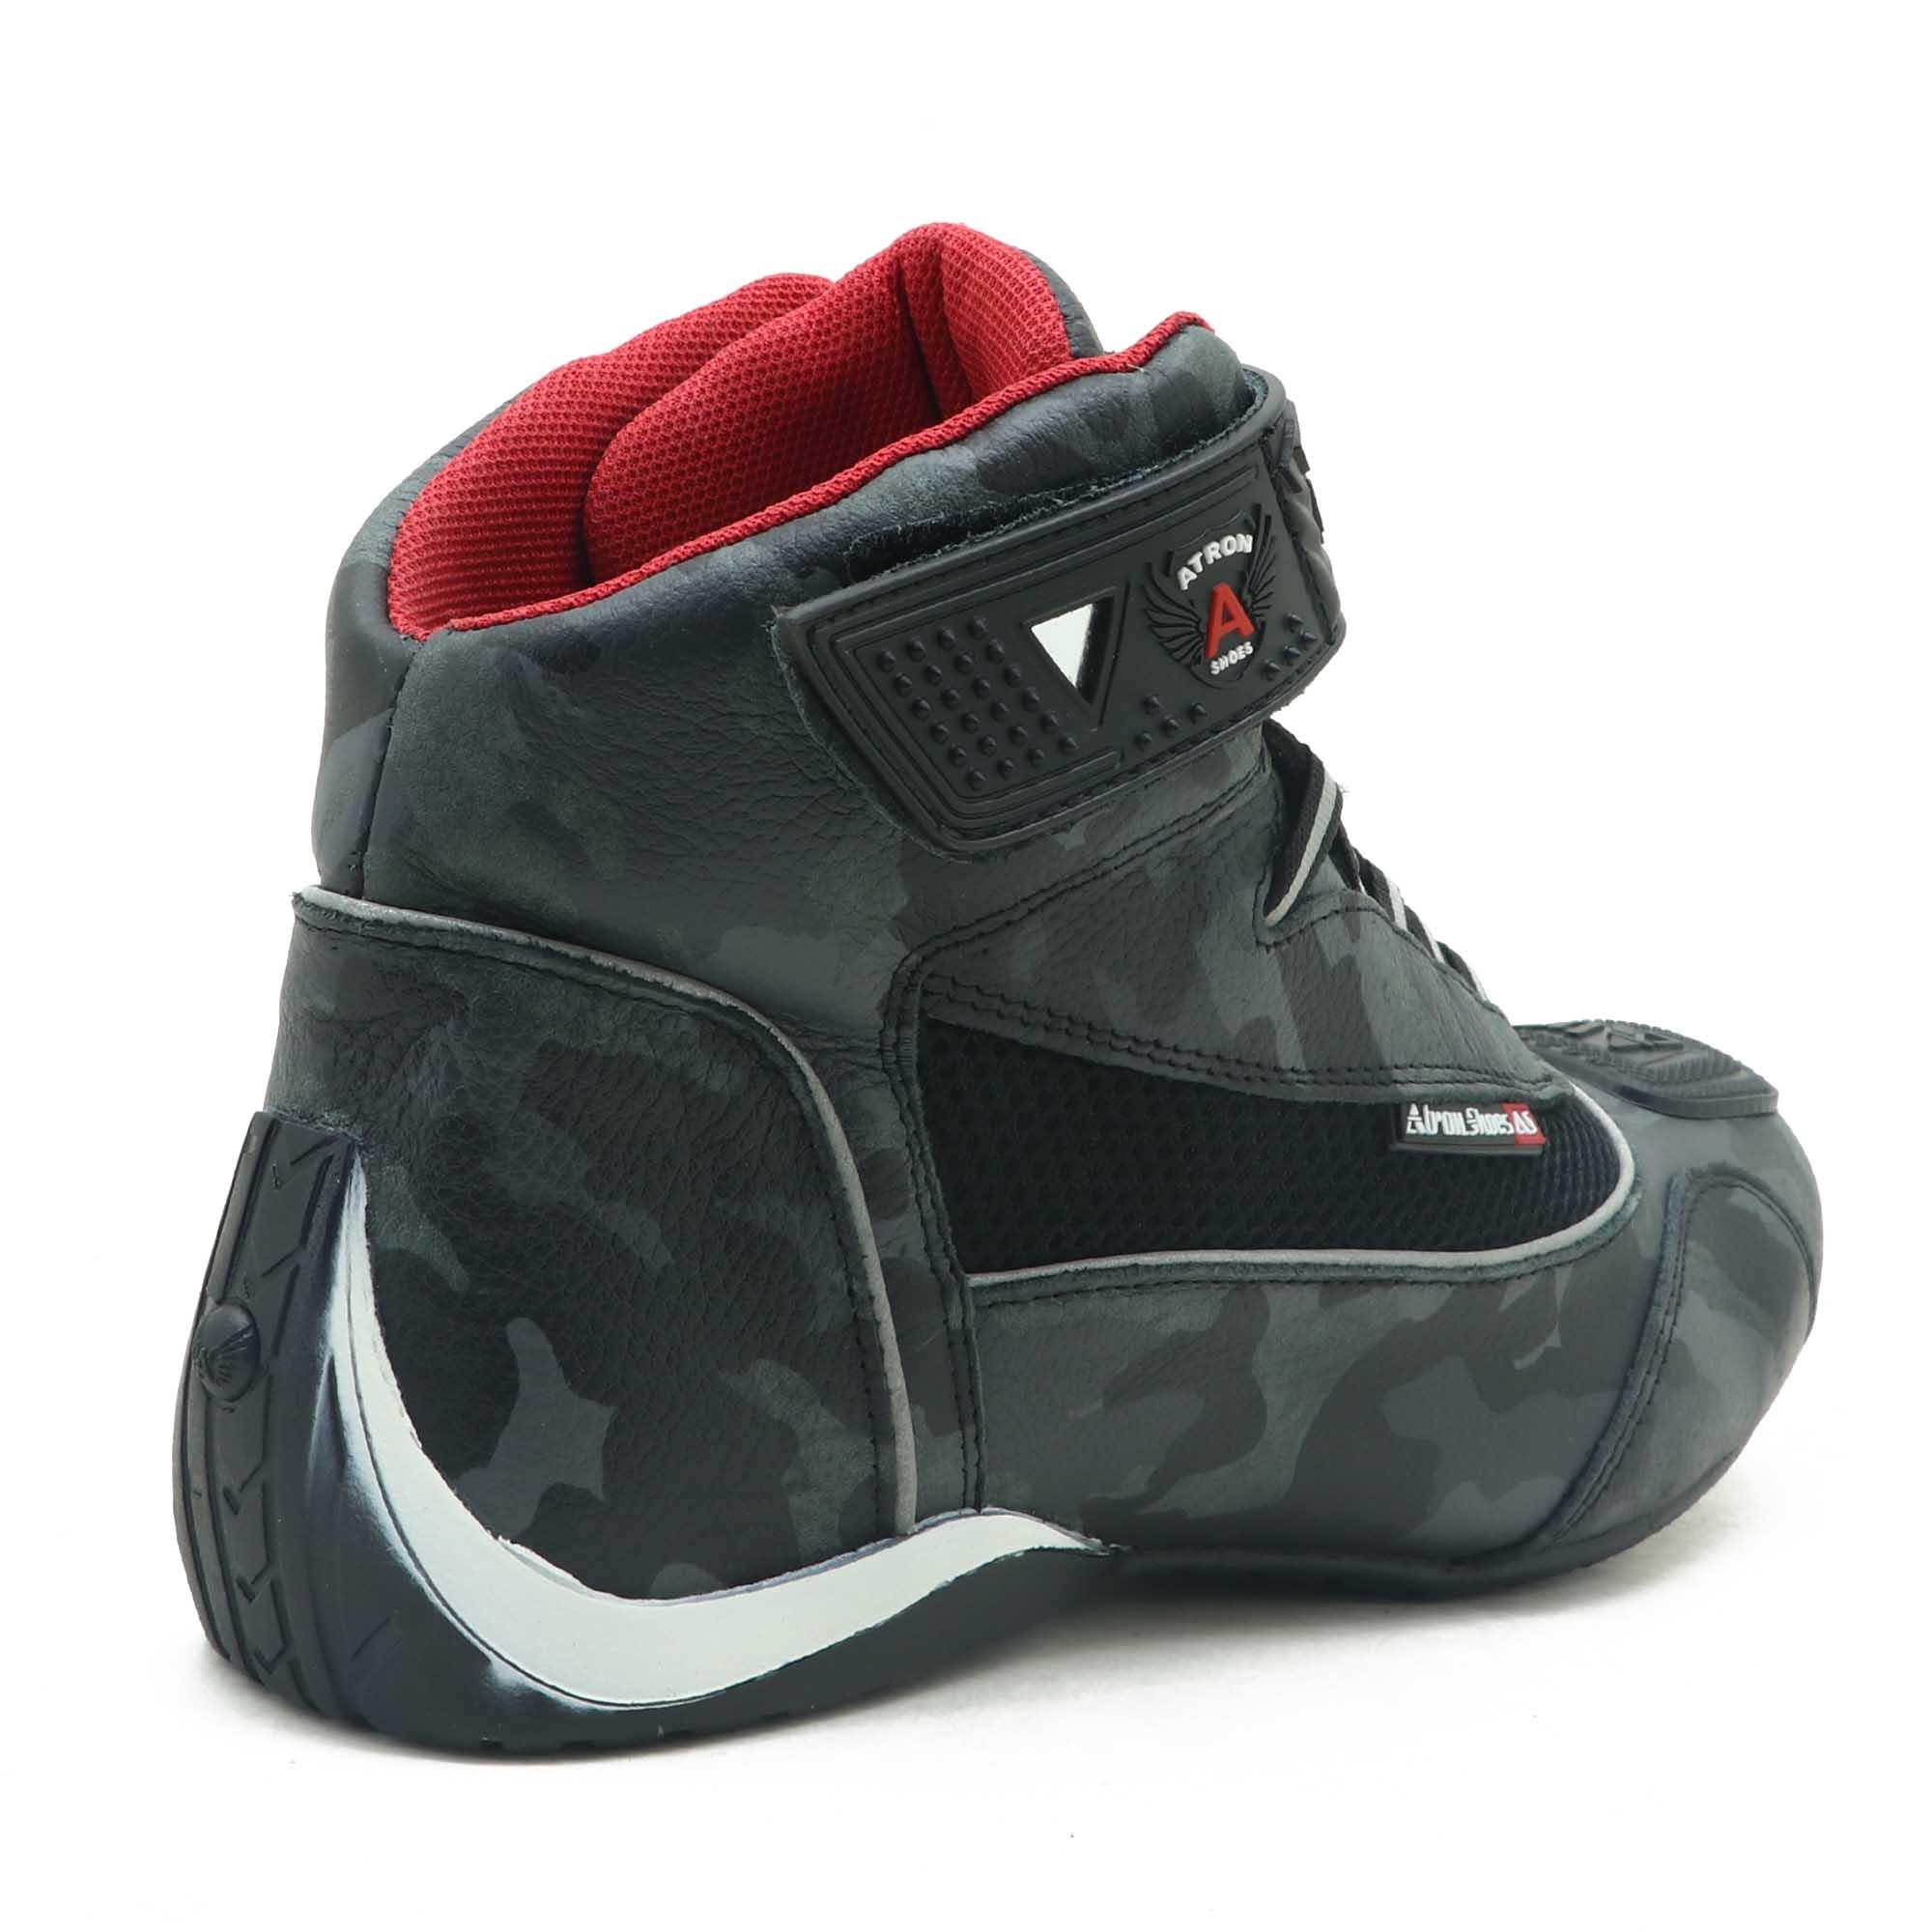 Tênis motociclista cano alto em couro legítimo camuflado cinza Atron Shoes 310